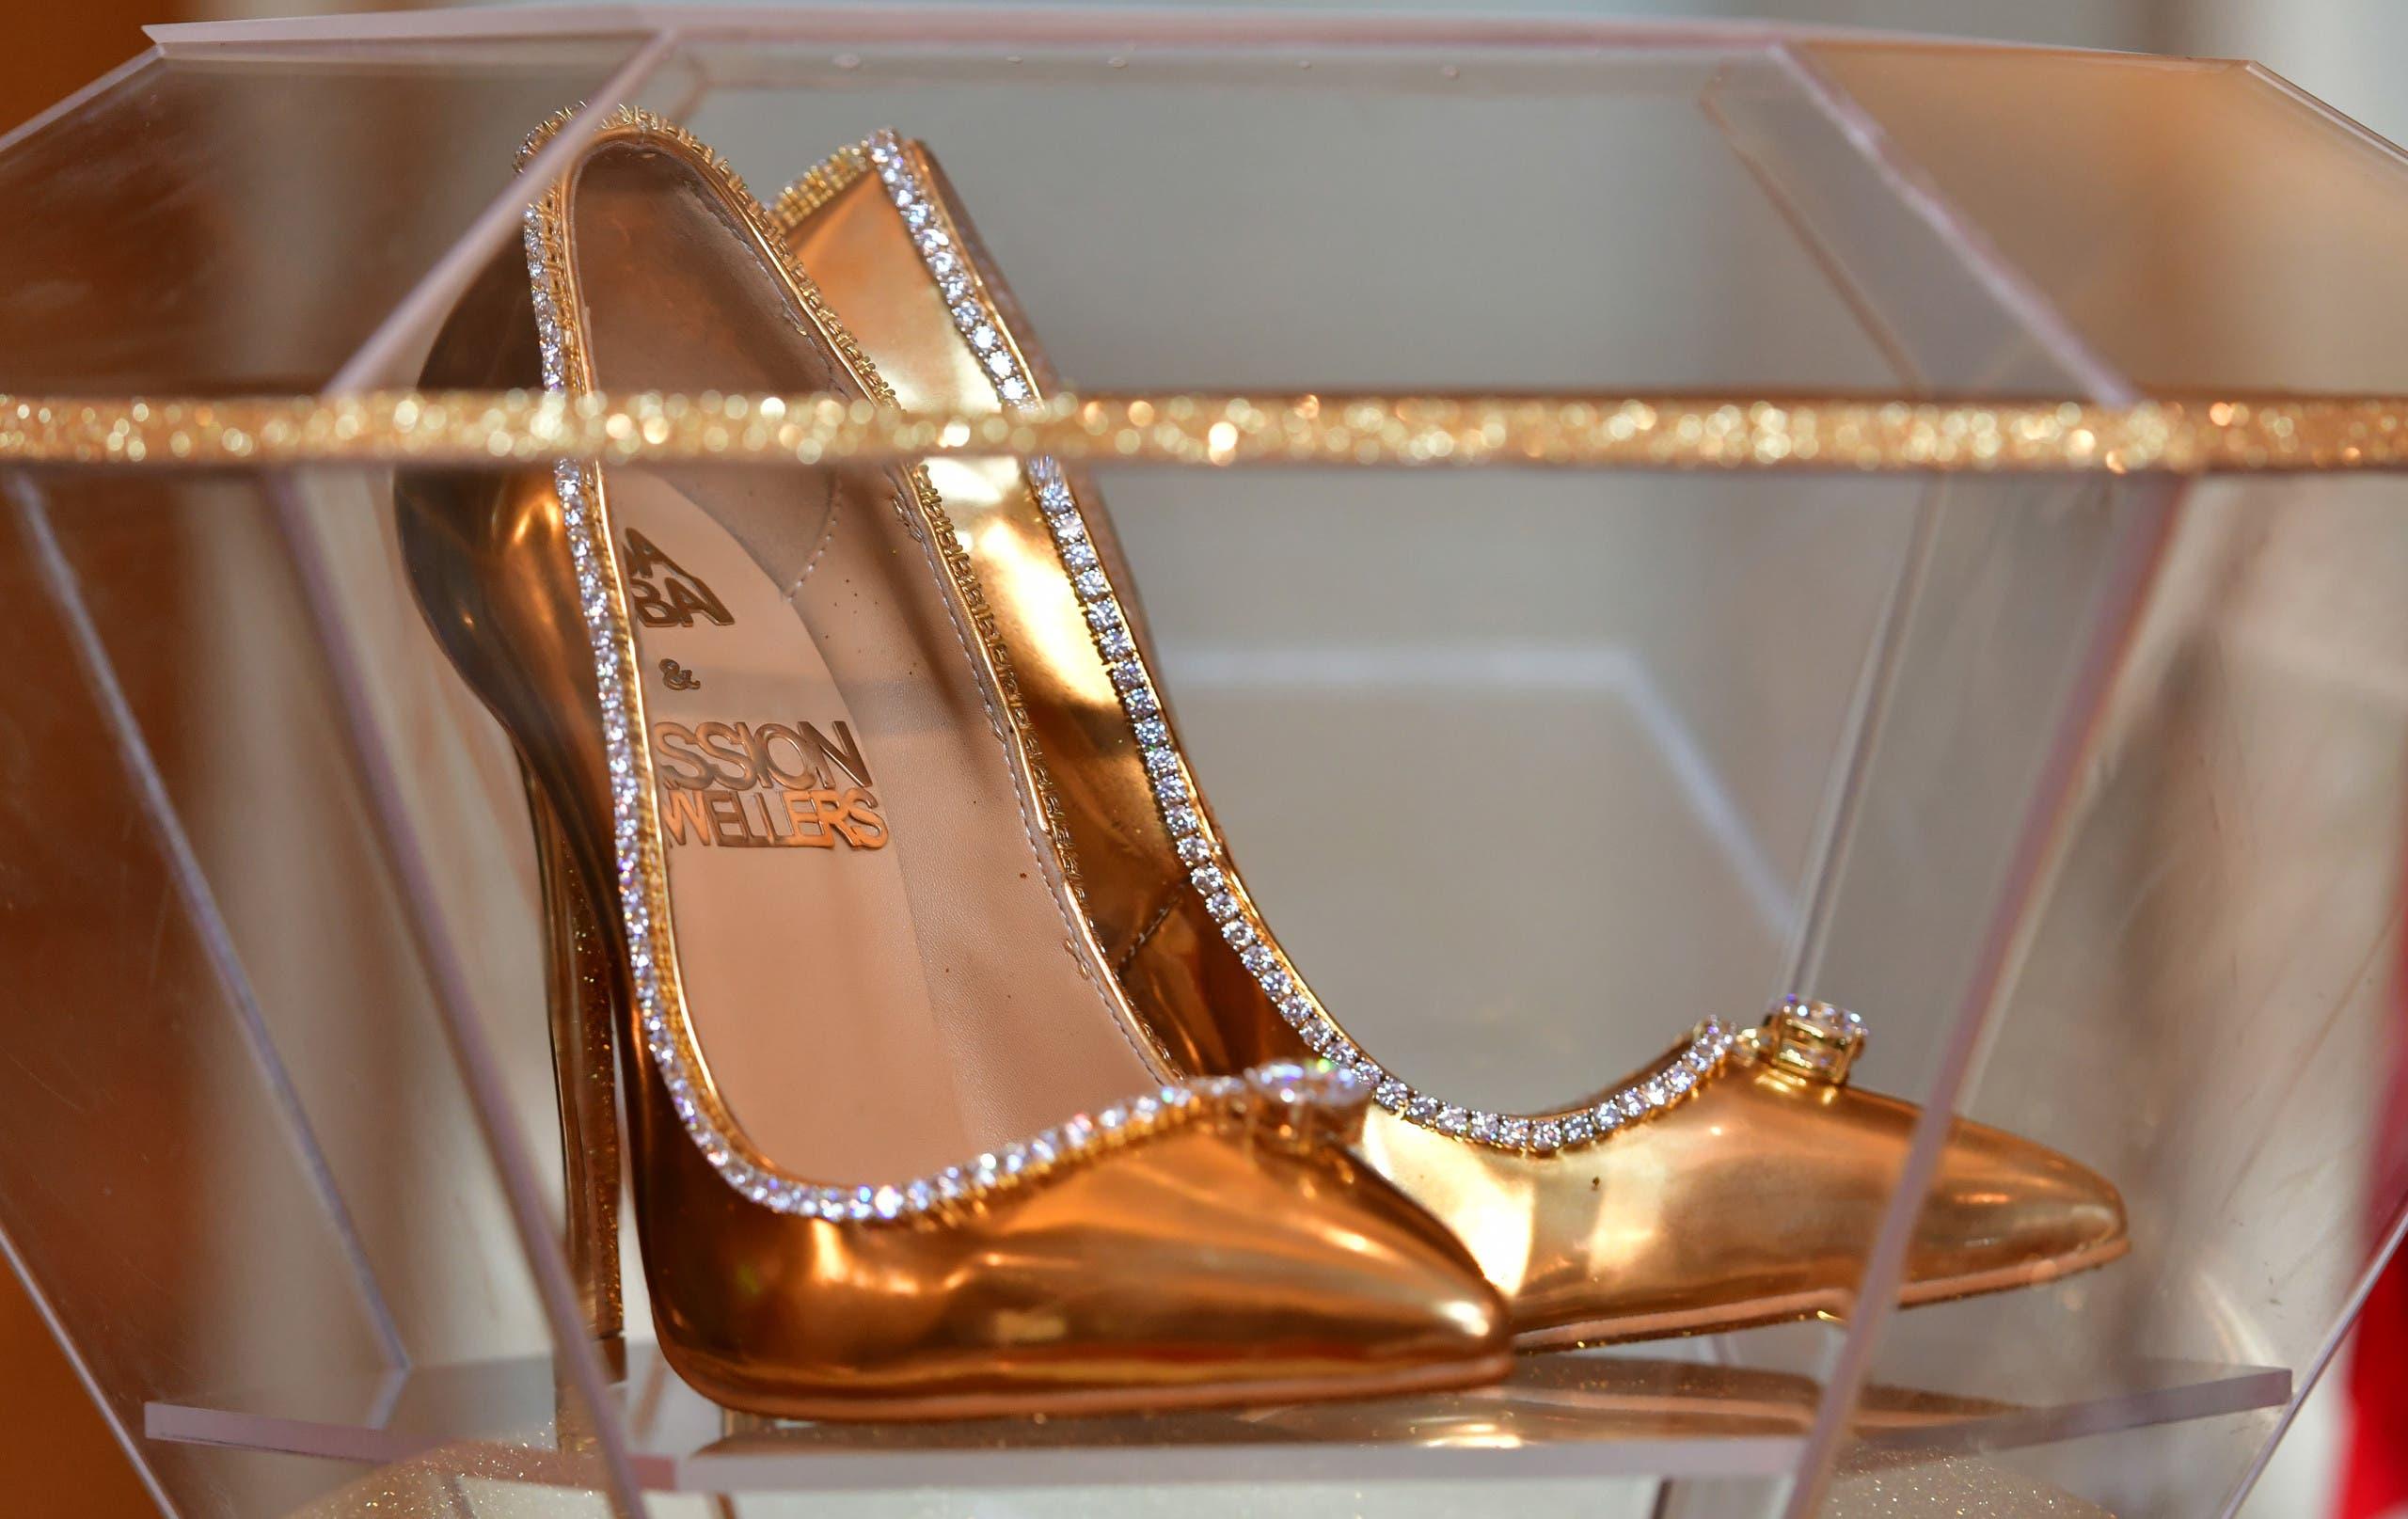 ea270402 00a7 4647 bebf 7ff94e7ee8ed أغلى حذاء في العالم ،ثمنه  17 مليون دولار ، فمن يشتري؟